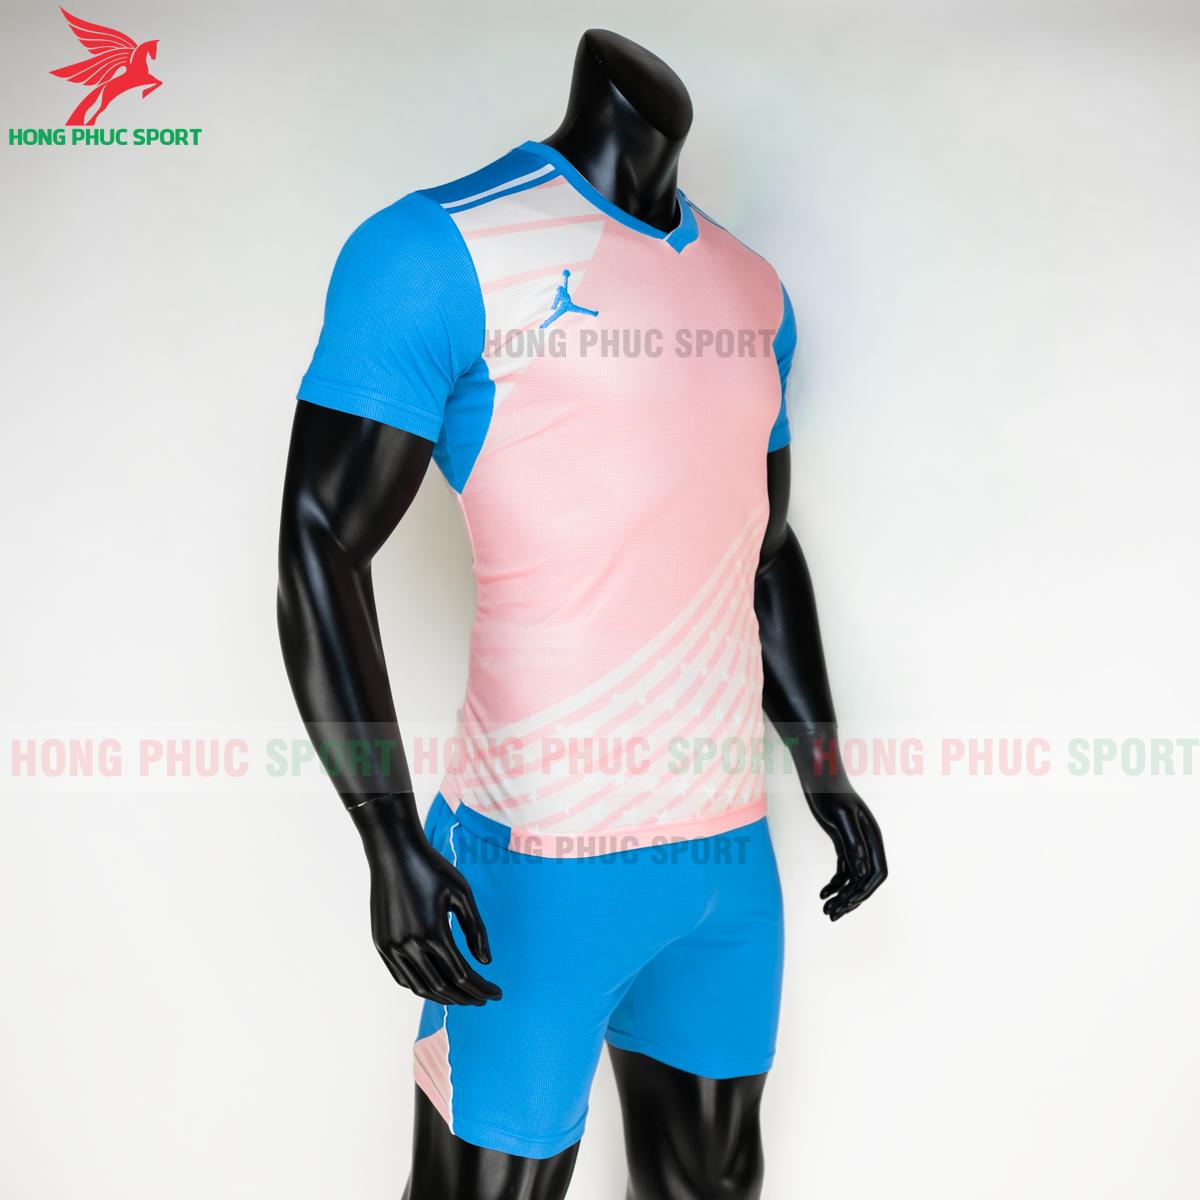 https://cdn.hongphucsport.com/unsafe/s4.shopbay.vn/files/285/ao-bong-chuyen-jordan-20-21-hang-det-mau1-6-5fae5852ce5ab.png